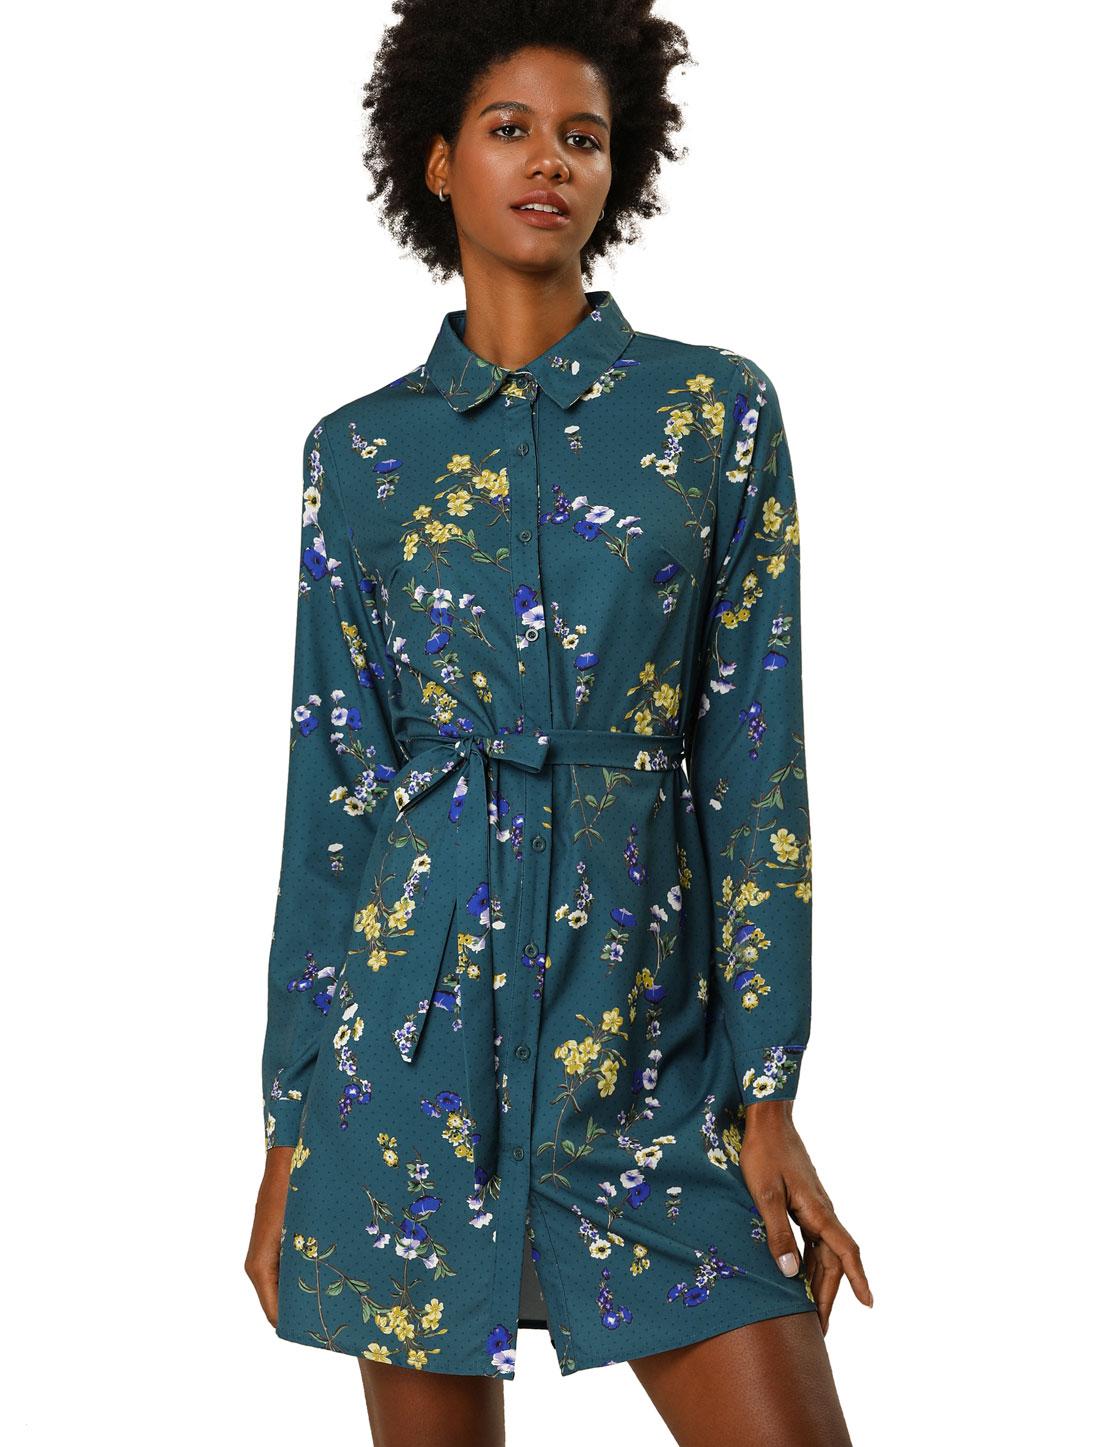 Allegra K Women's Button Down Polka Dots Floral Shirt Dress Teal Blue S